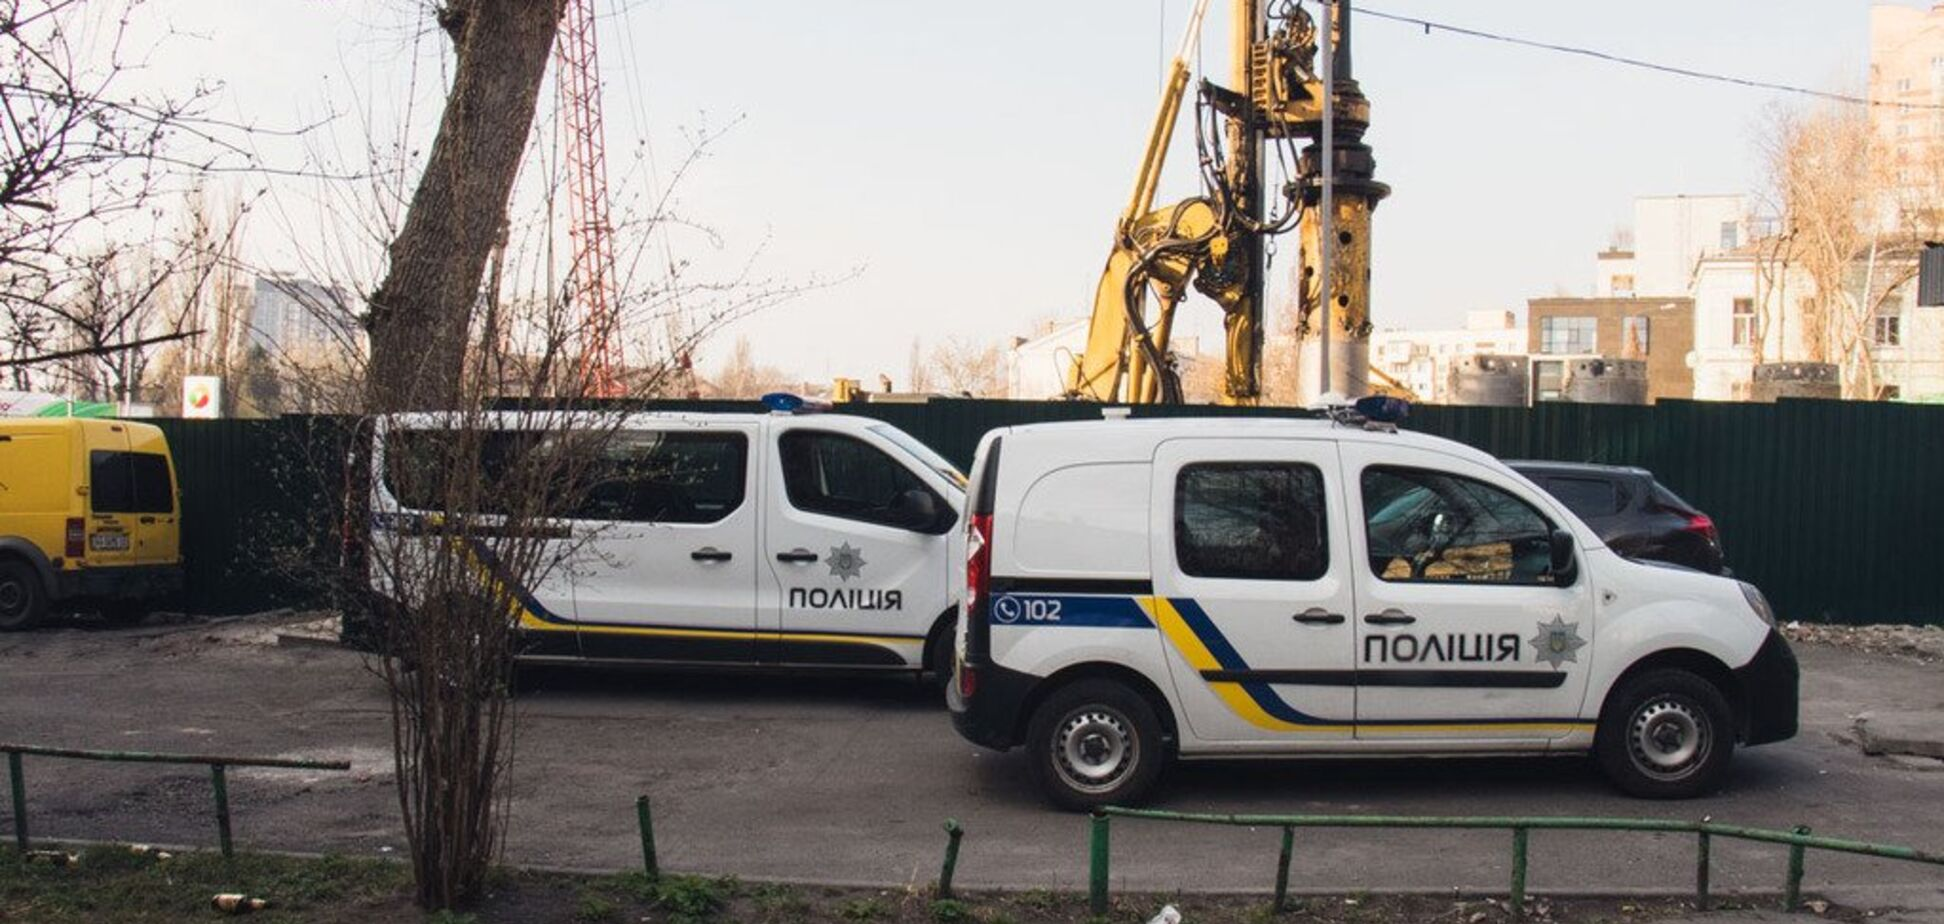 В центре Киева нашли мертвую женщину, а возле вокзала — мужчину без головы. Фото 18+